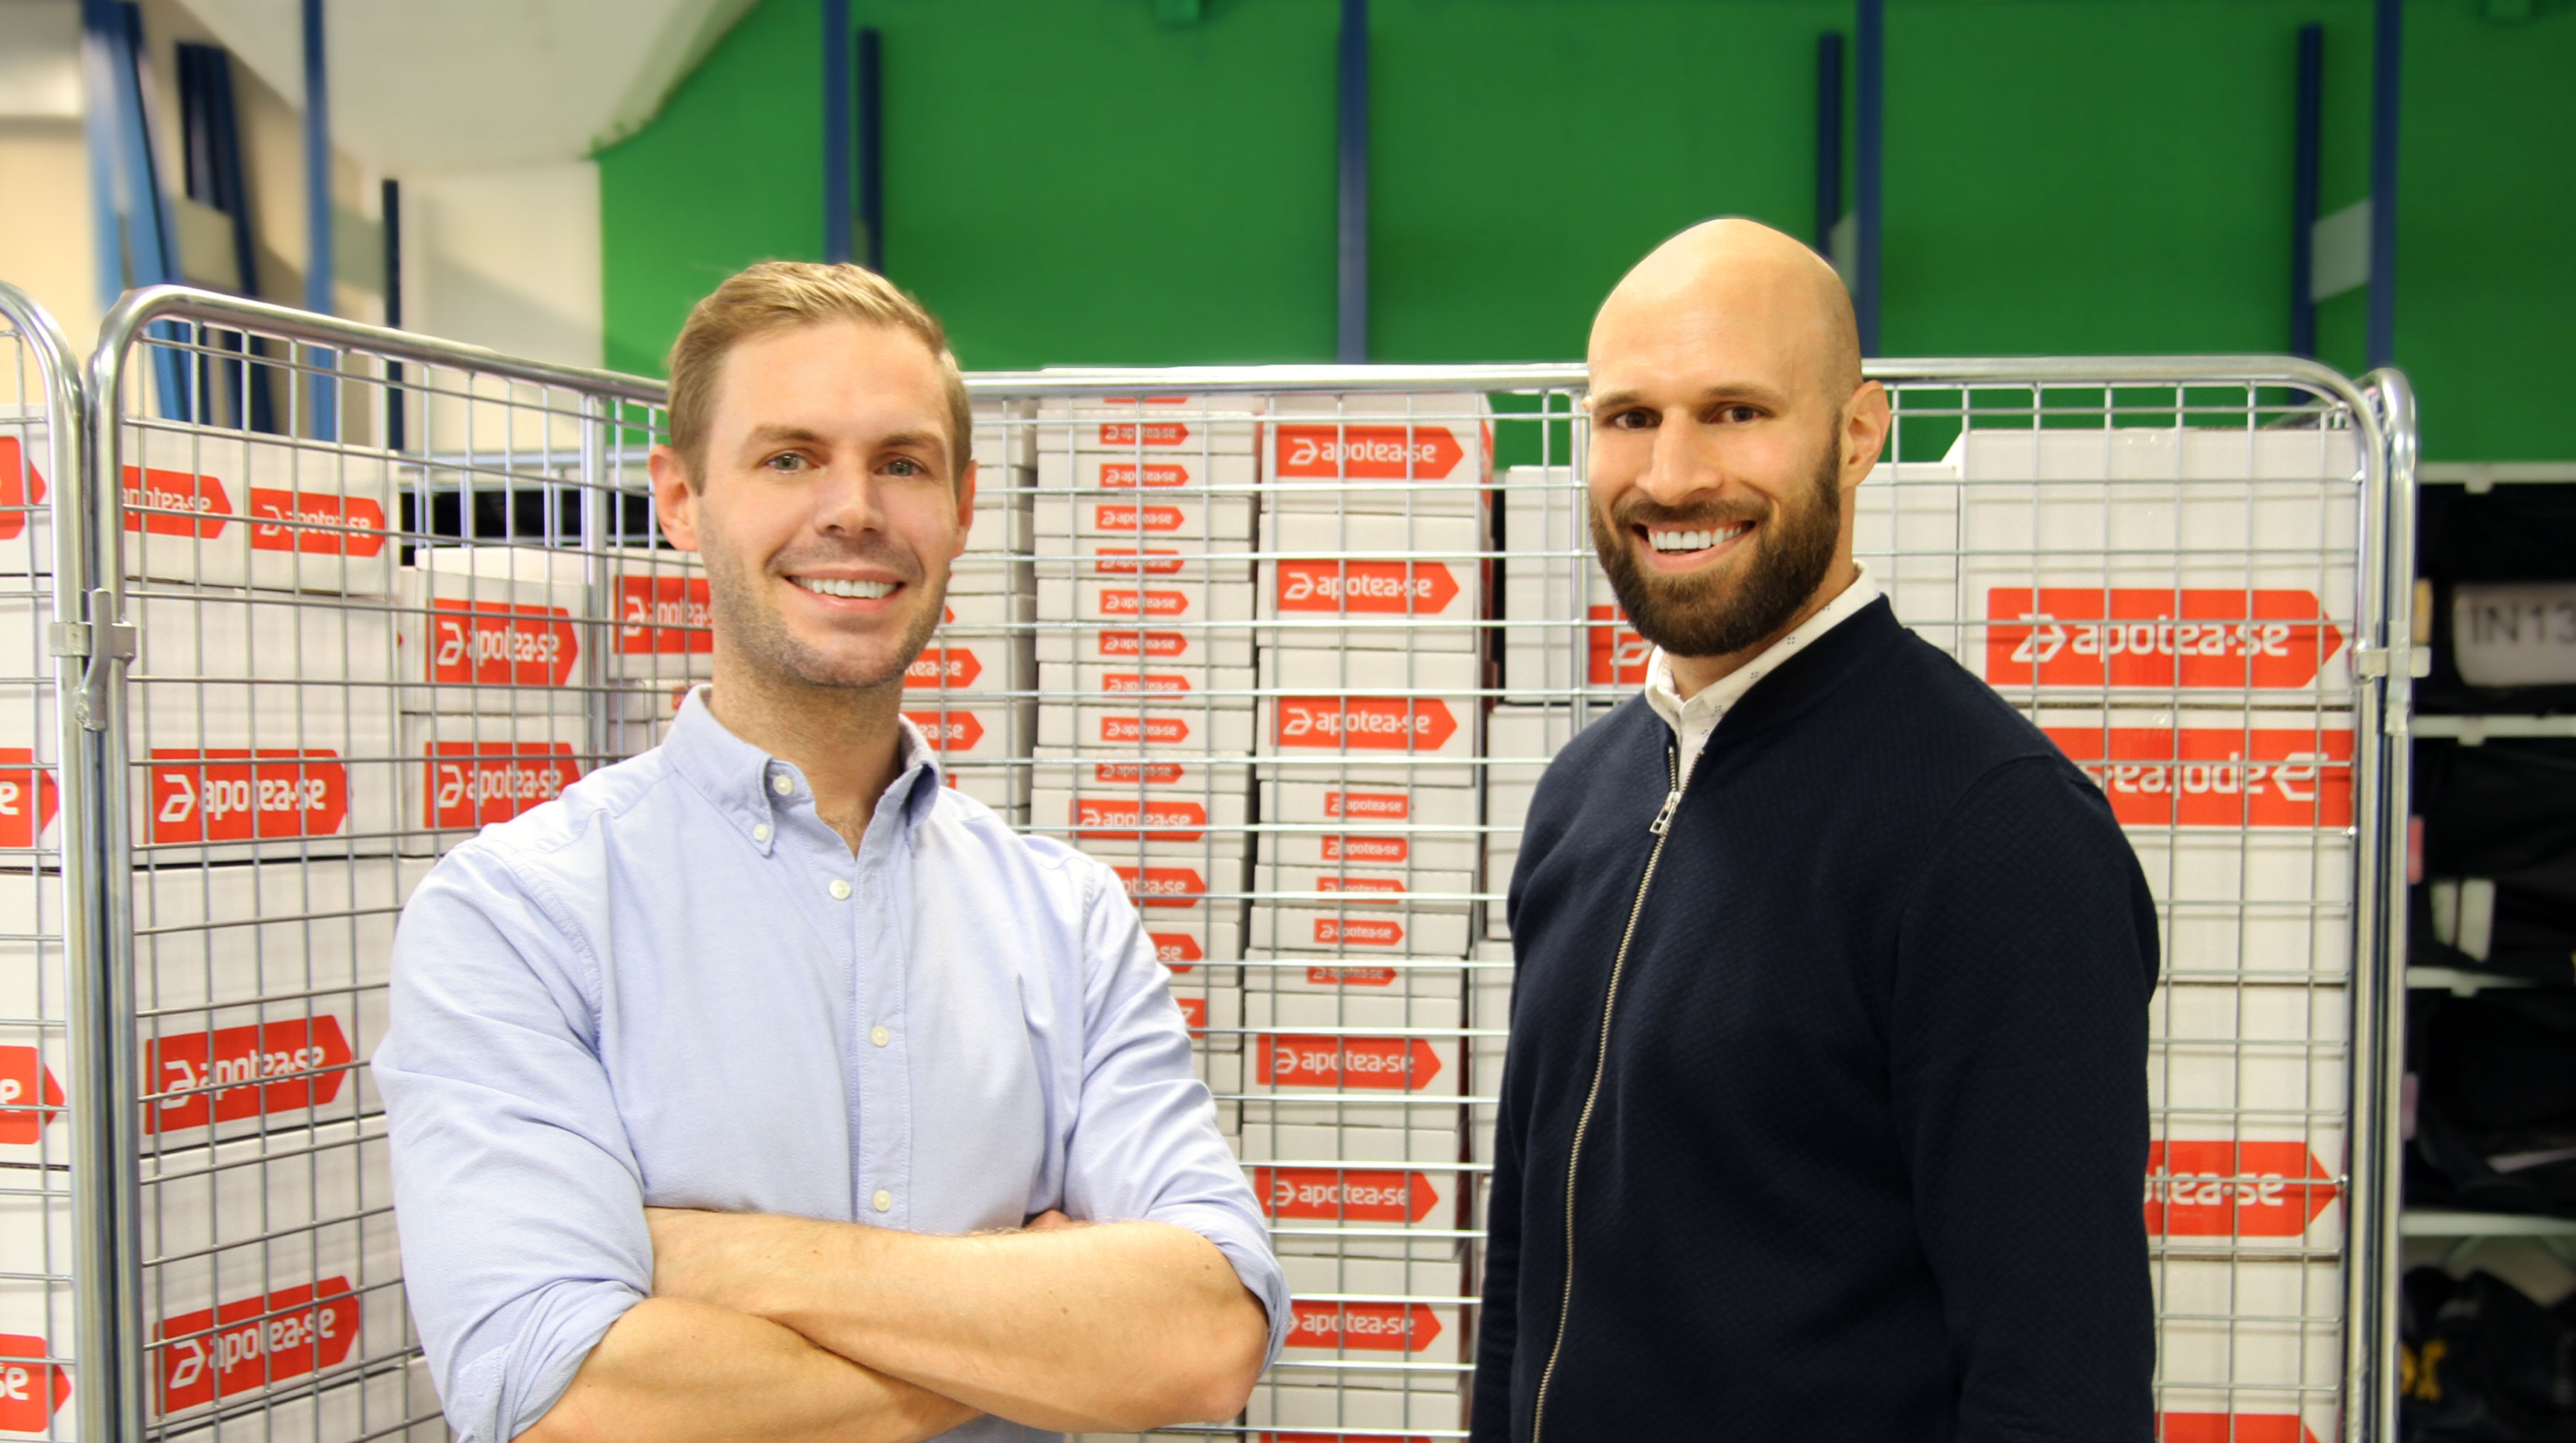 Instabox fyller på kassan med 15 miljoner kronor